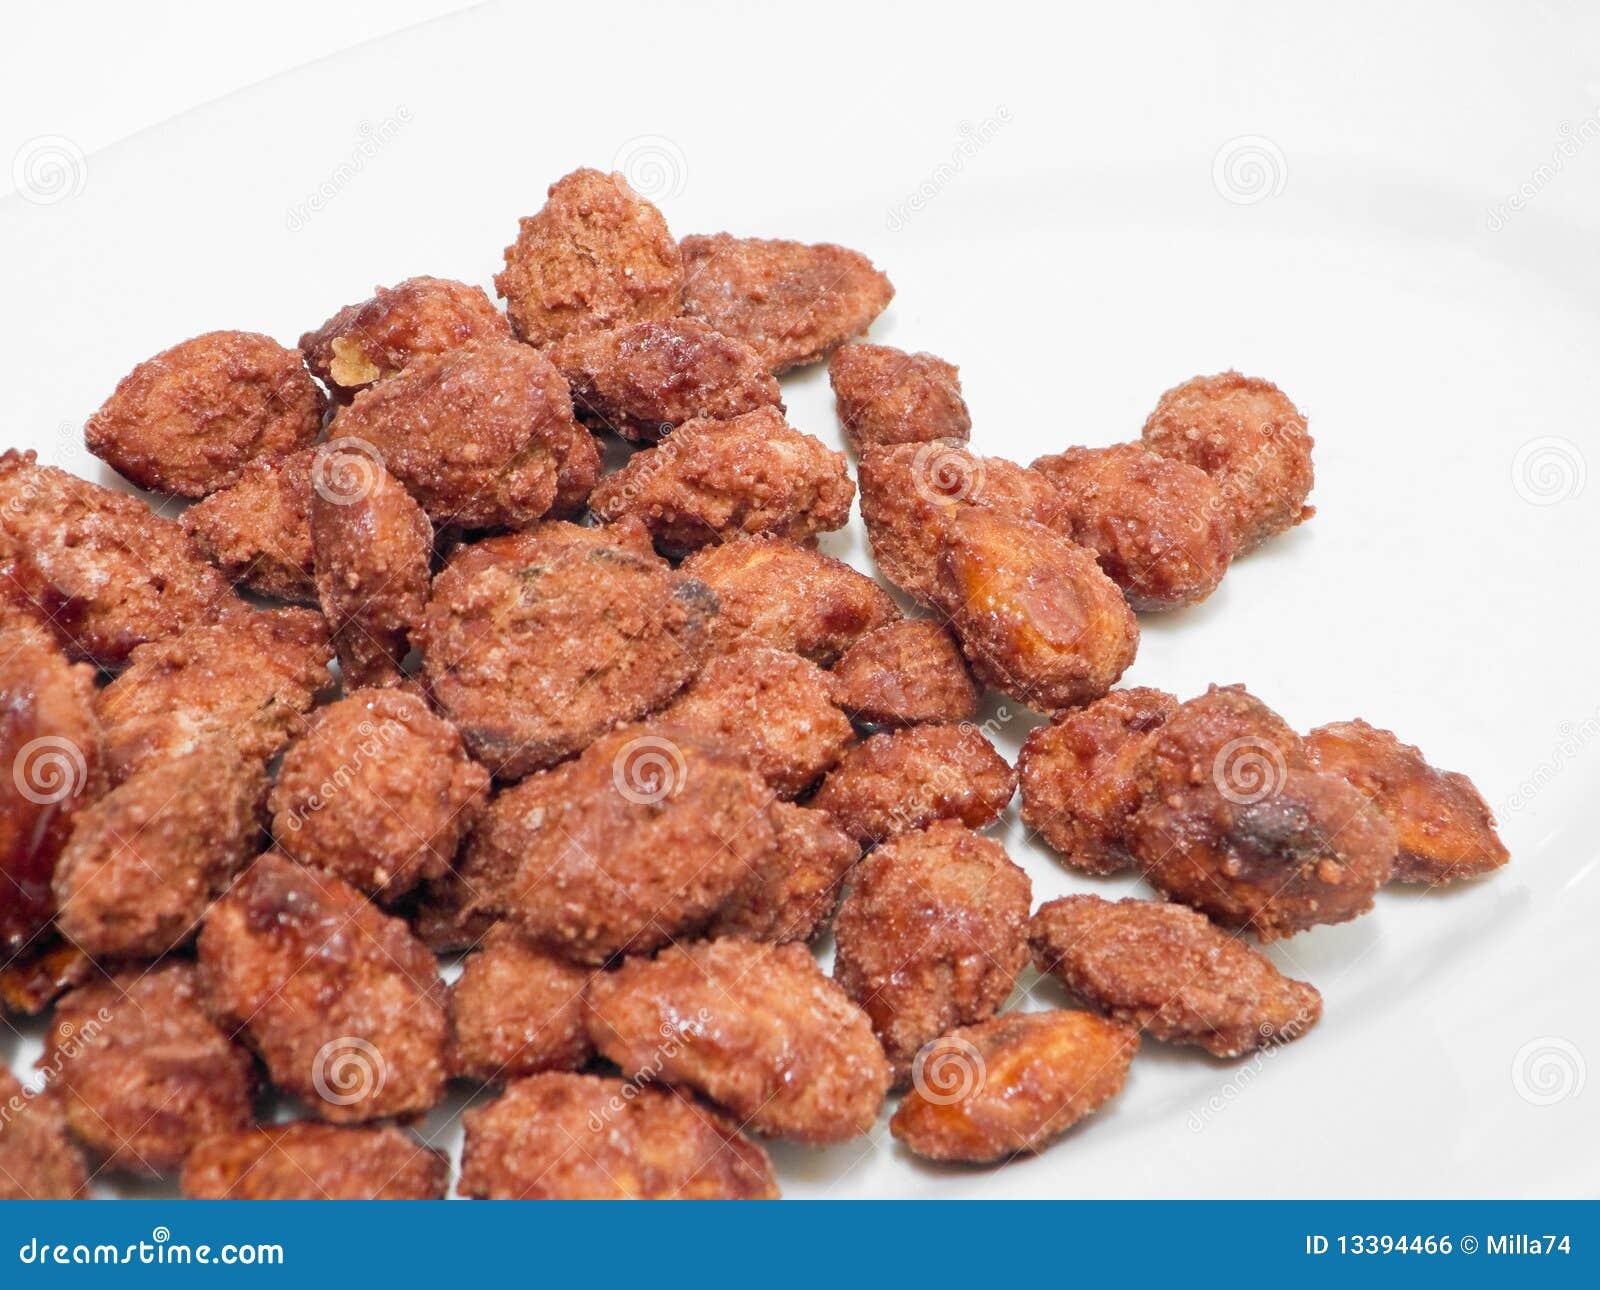 Sugared almonds.